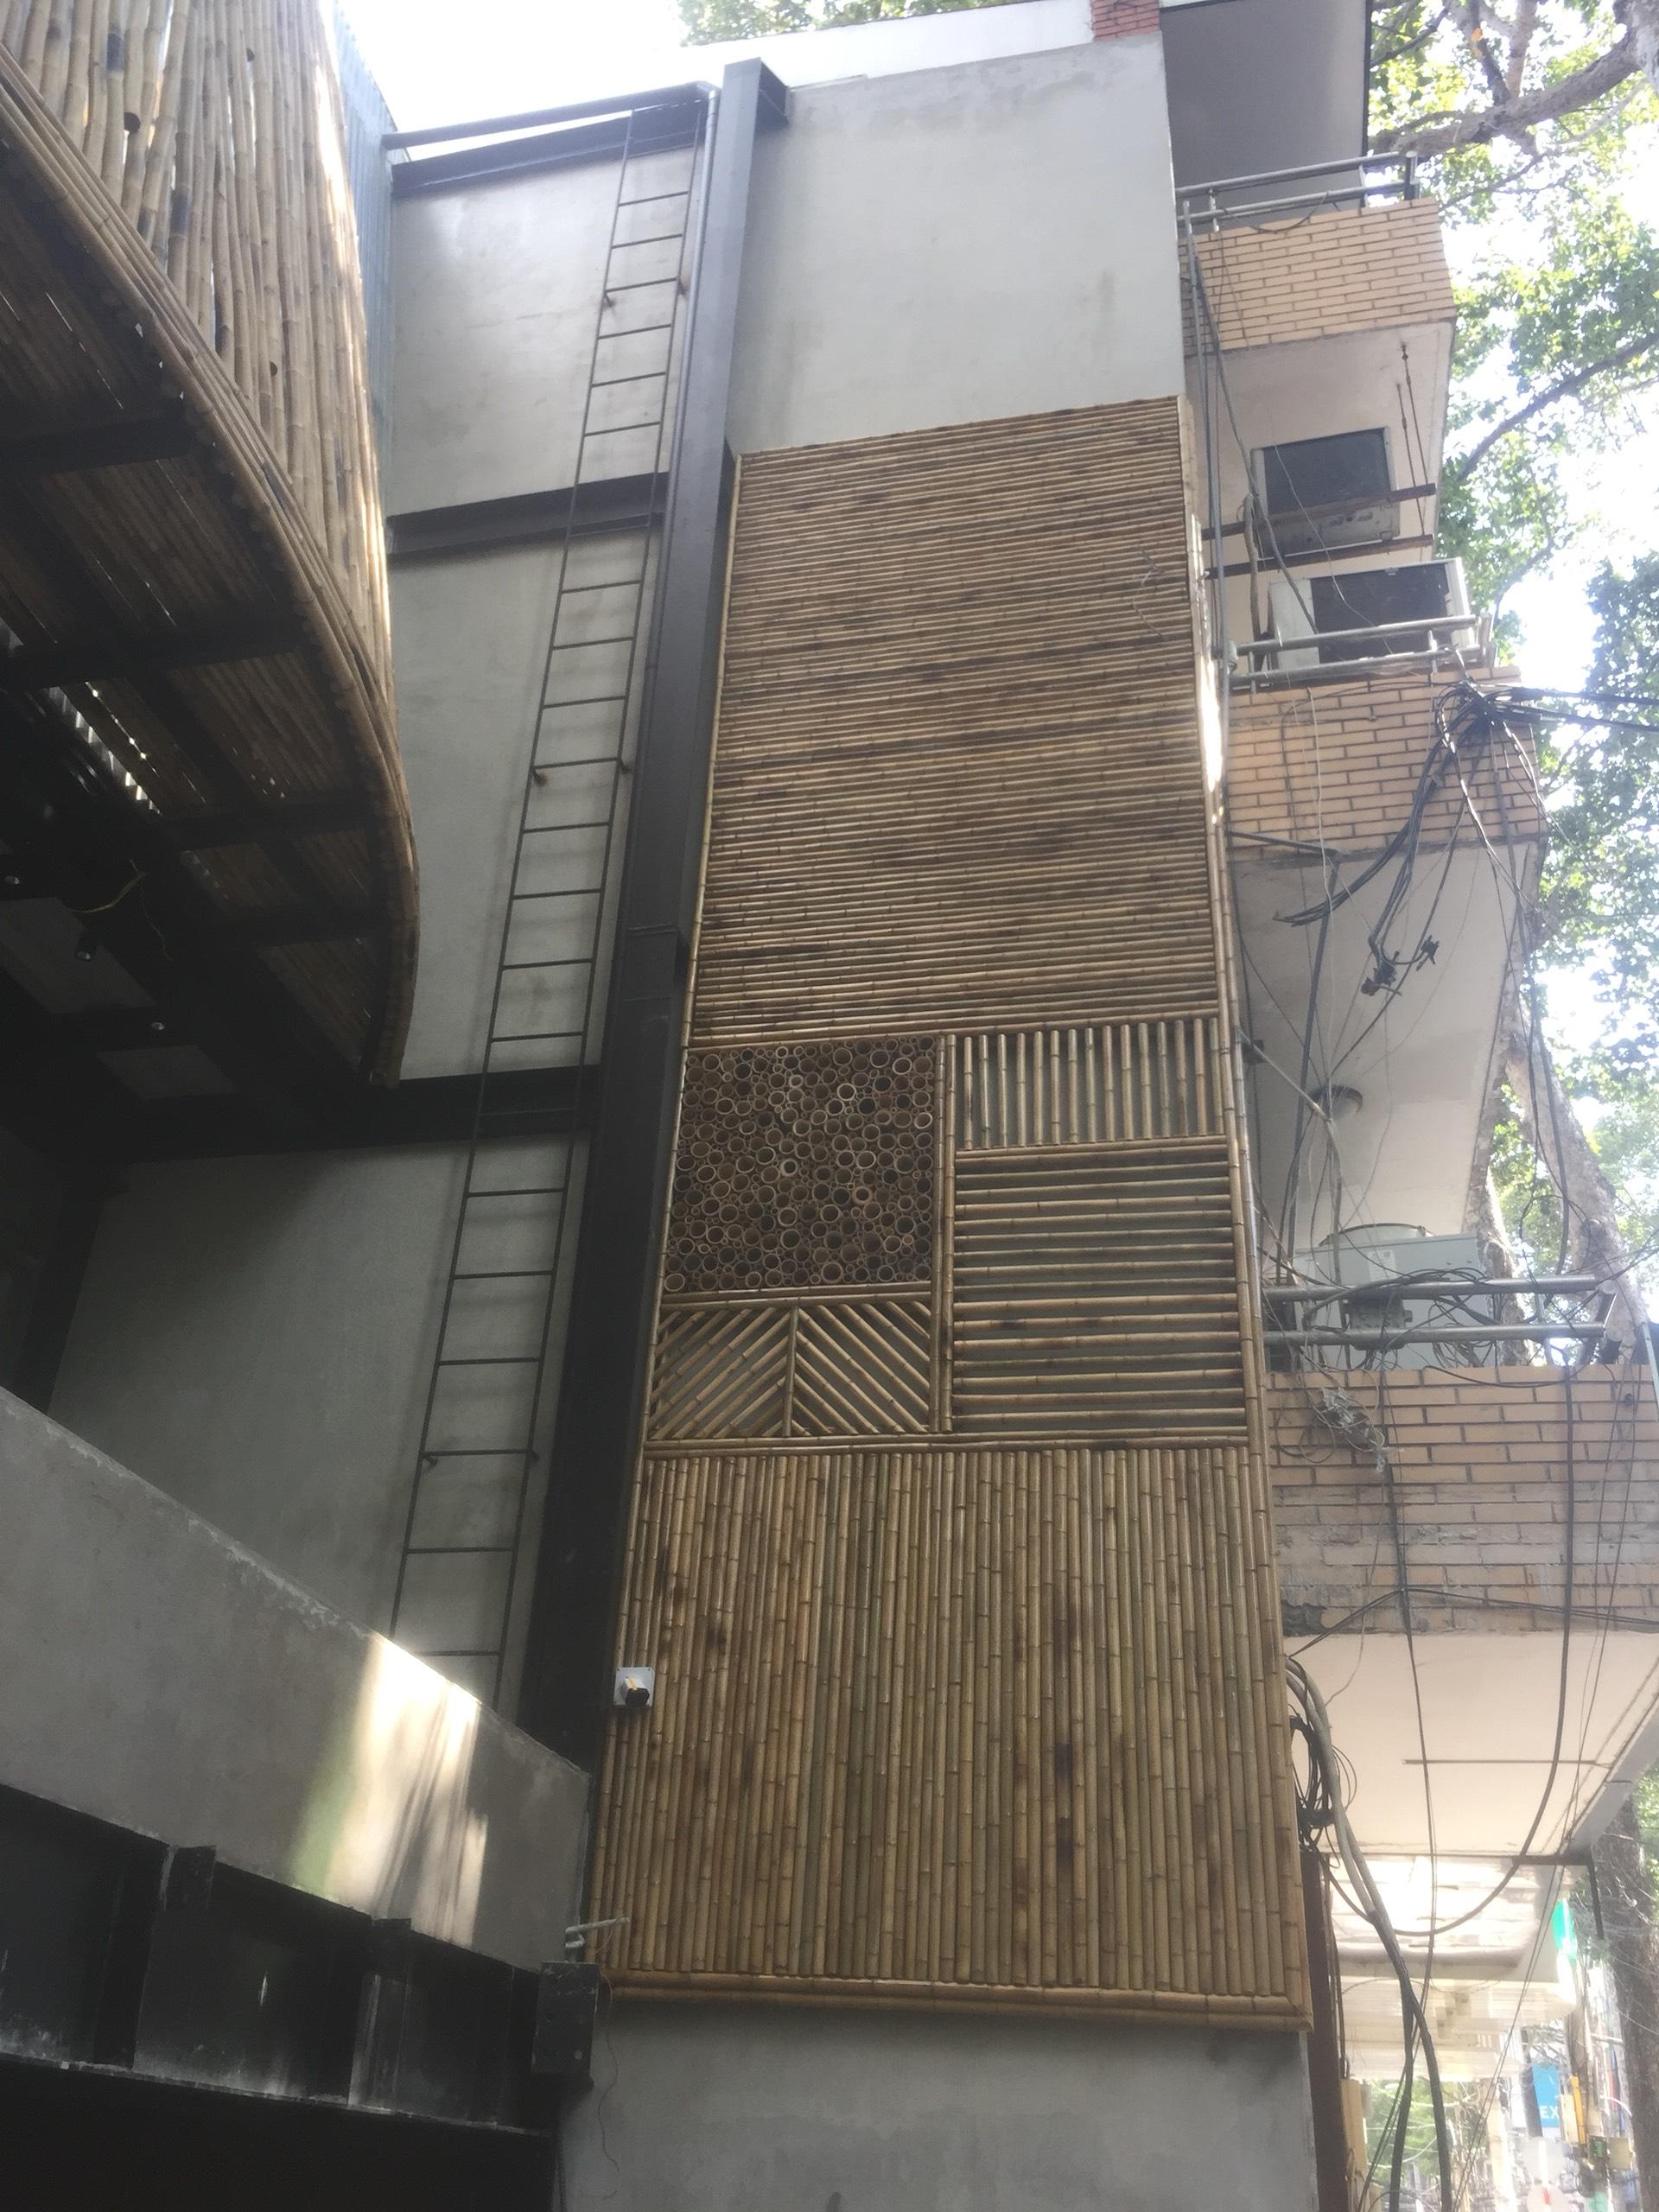 Thi công ốp tre trúc trang trí cho quán cà phê Amazing nổi tiếng tại Sài Gòn